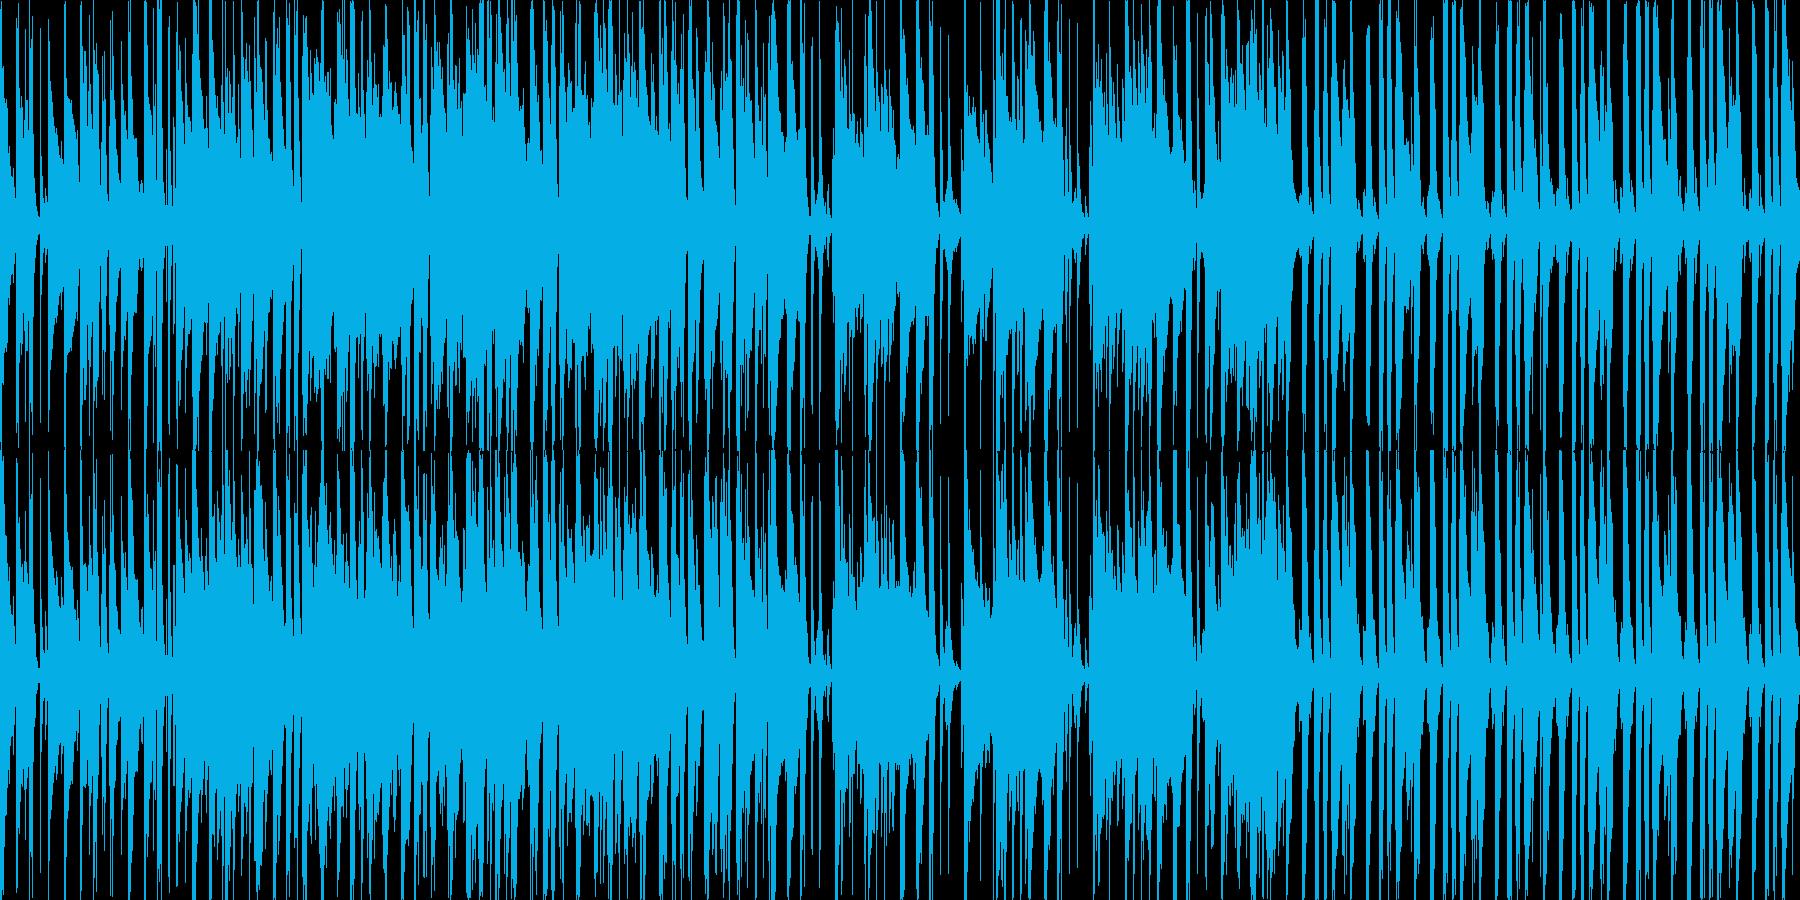 【ループ】気持ちが弾む軽快なアコースティの再生済みの波形